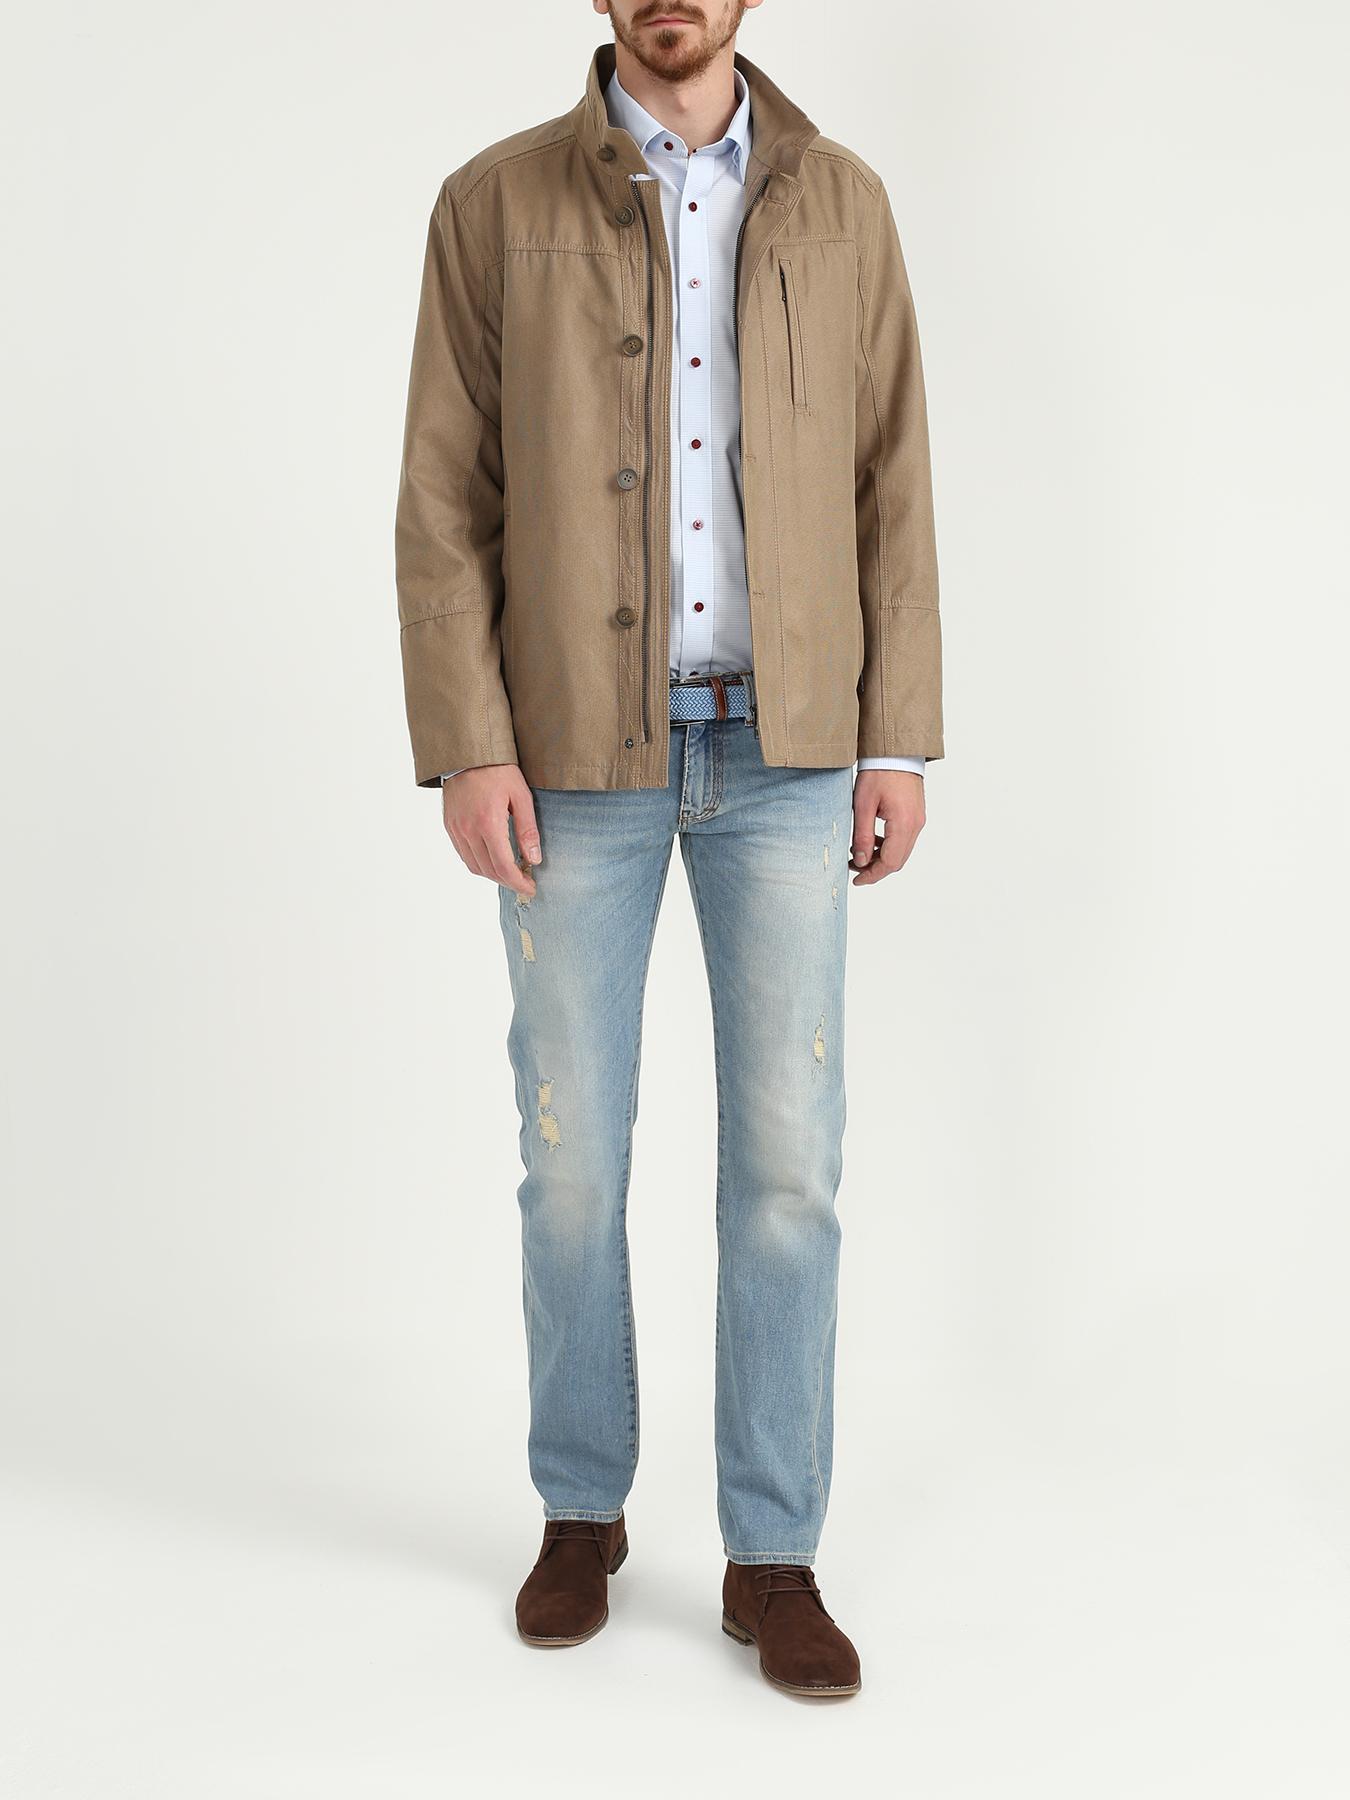 Фото - Брюки Finisterre Узкие мужские джинсы джинсы мужские prps fury